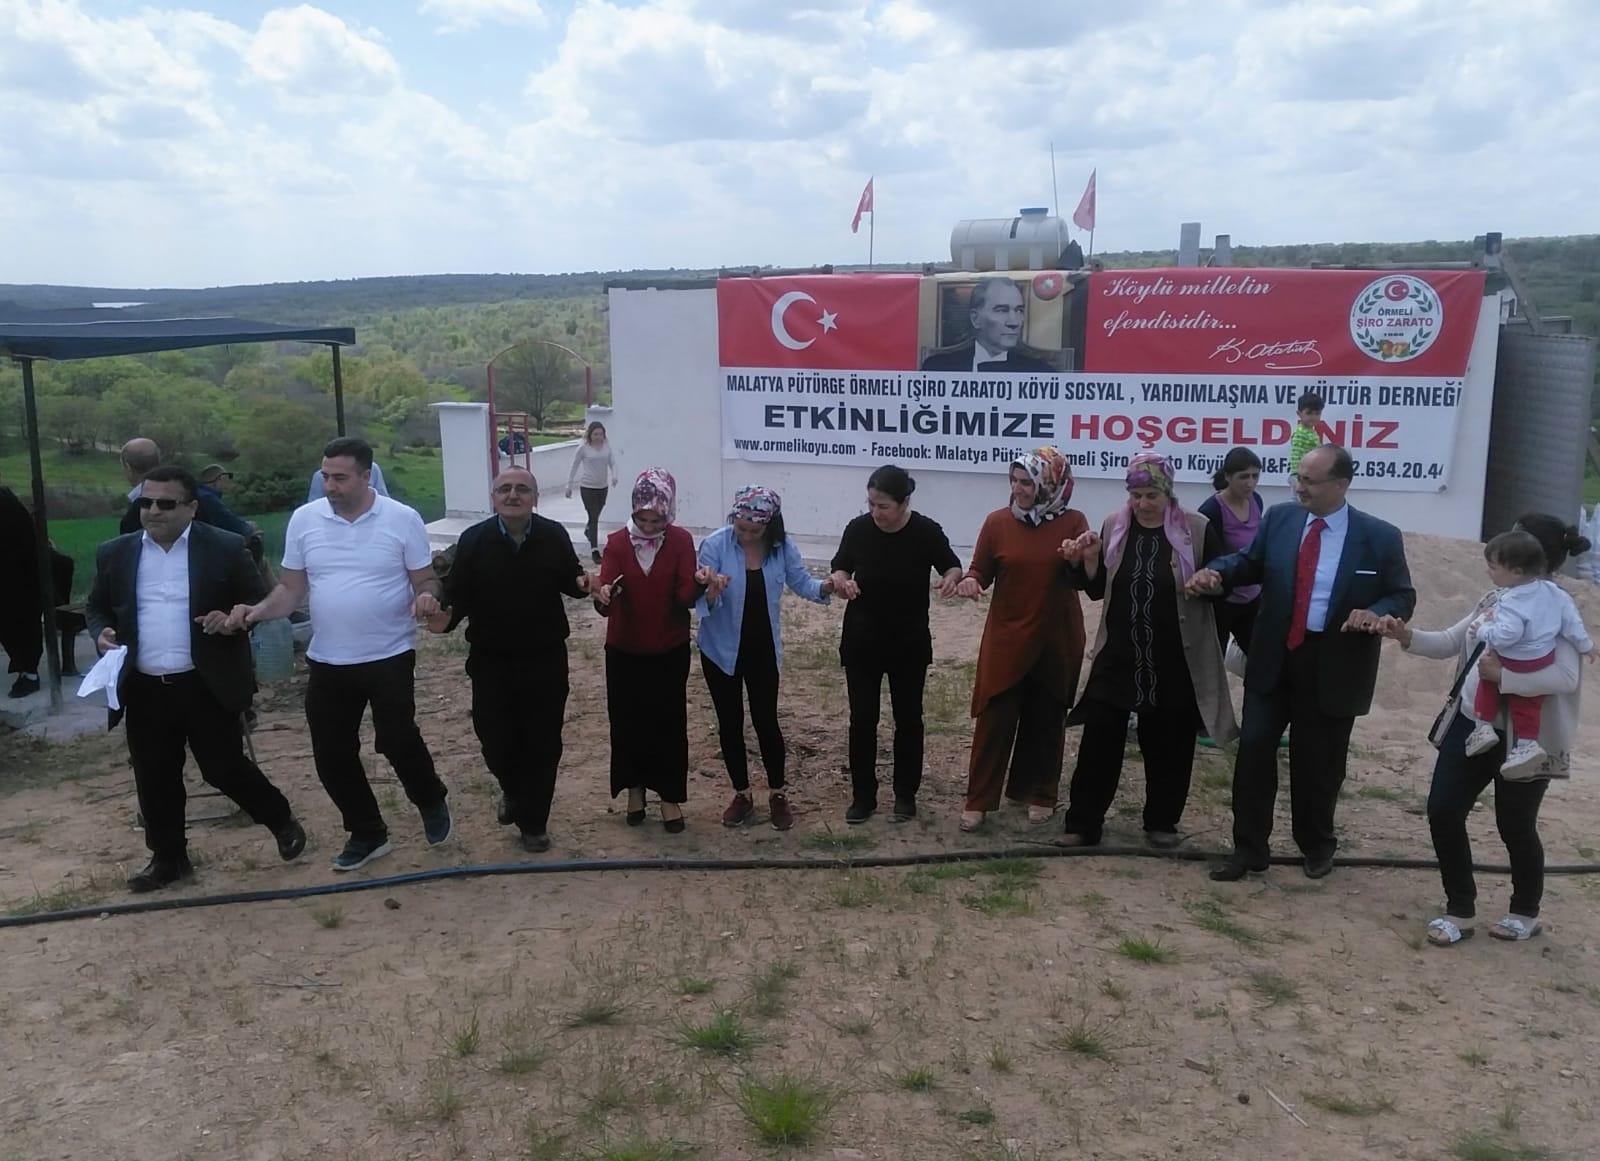 Pütürge Örmeli Köyü  şenliğinde bahar halaylarla karşılandı